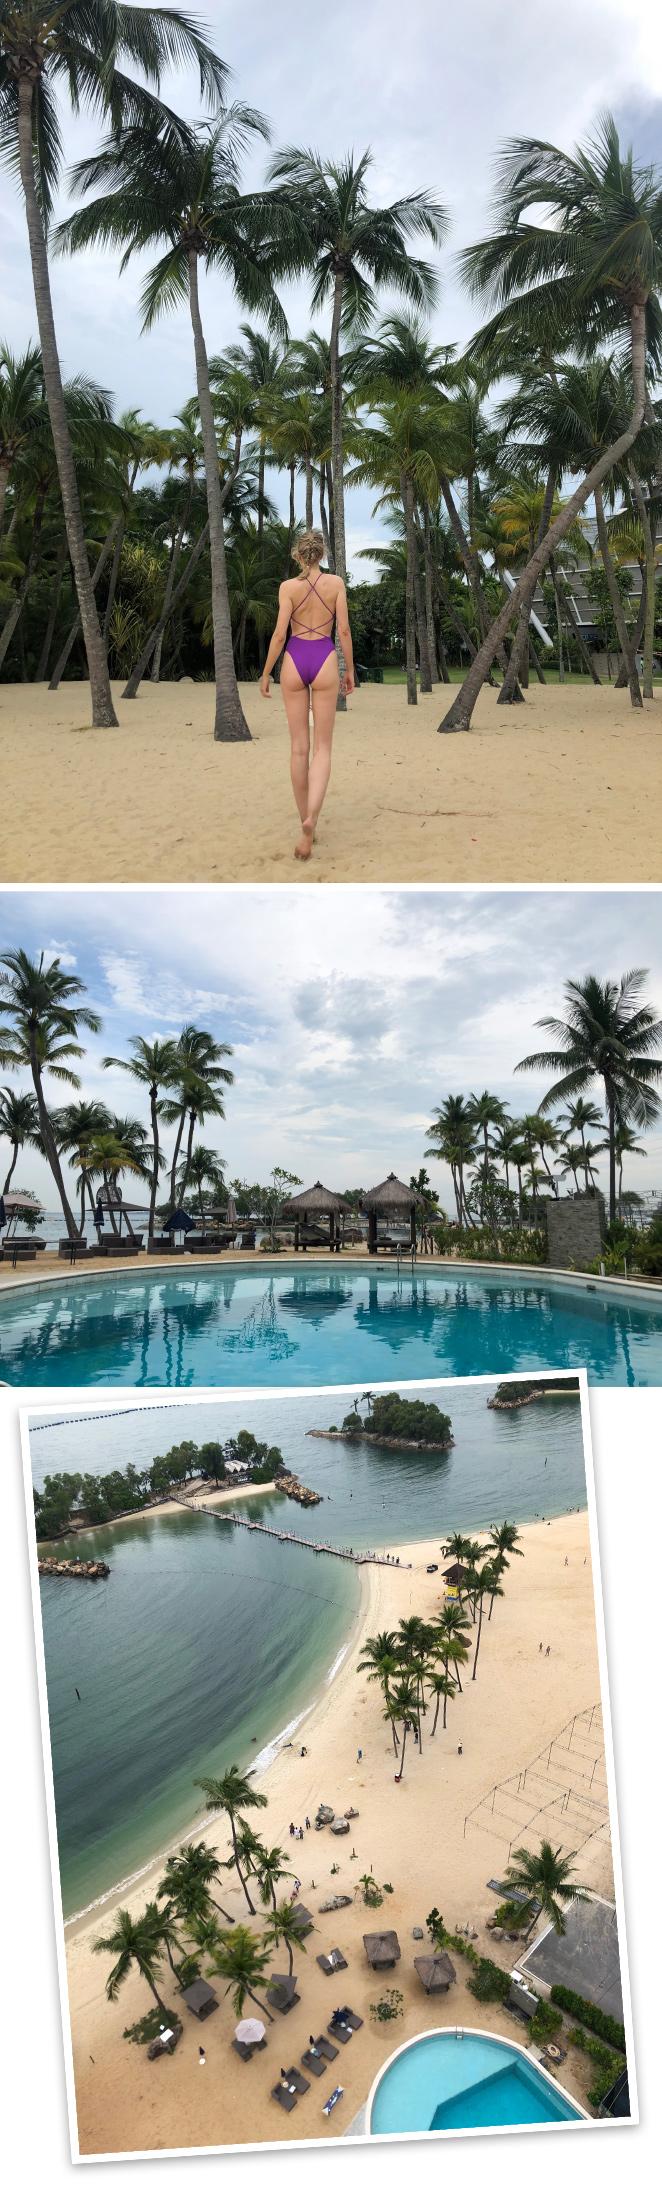 Isla de Sentosa.Es una isla turística artificial donde los singapurenses vas a descansar, disfrutar de la playa y practicar todo tipo de deportes acuáticos.